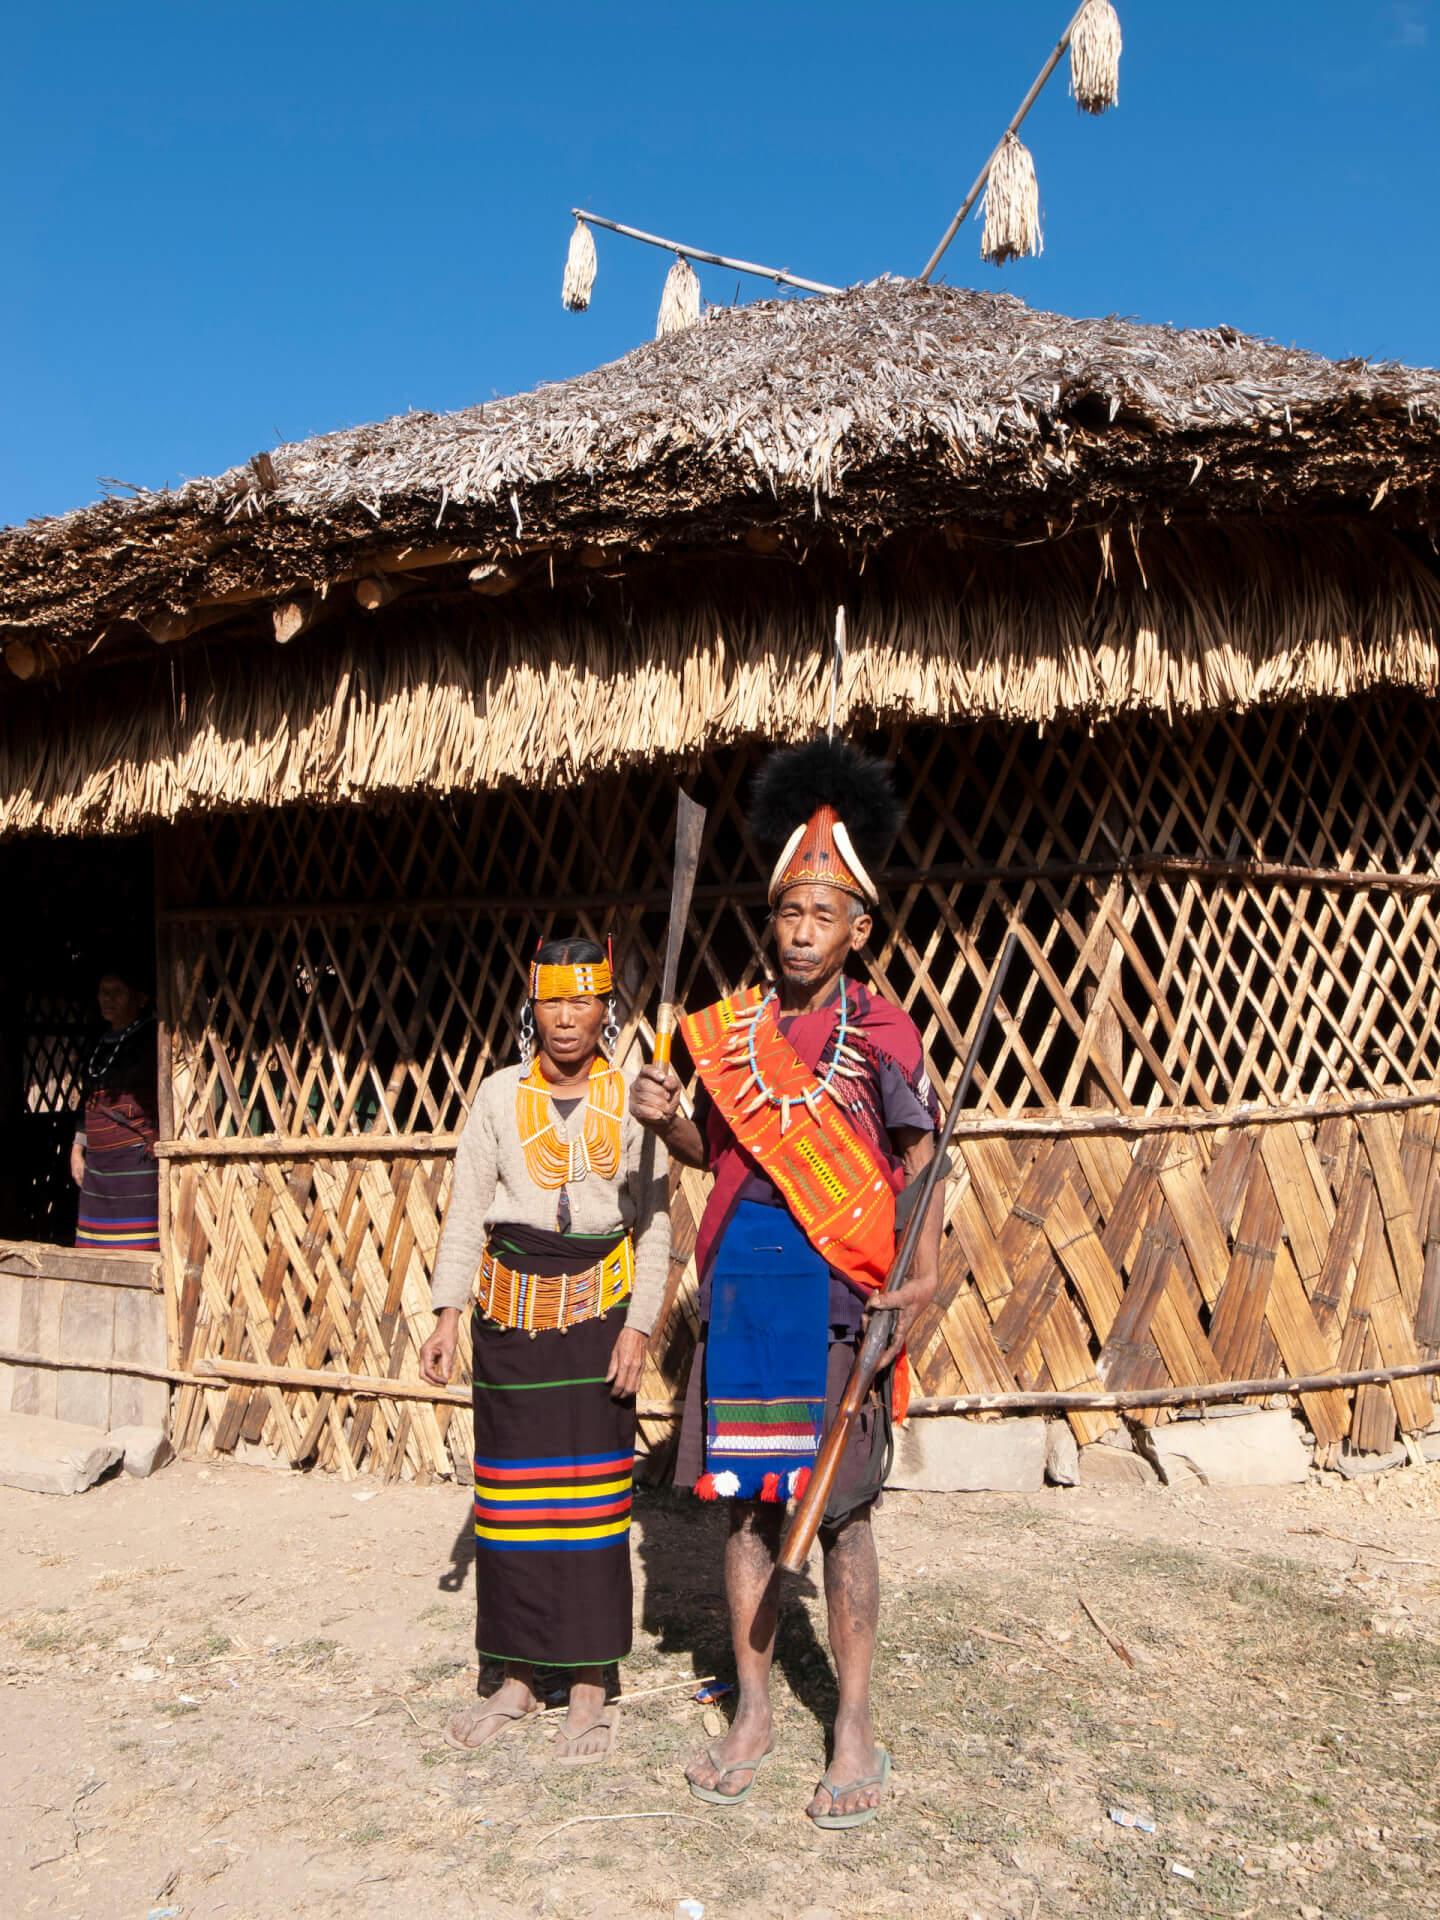 ミャンマーの文化とともに —— コムアイ、オオルタイチ、井口寛が語る音を通じた繋がり interview210917_staywithmyanmar_17